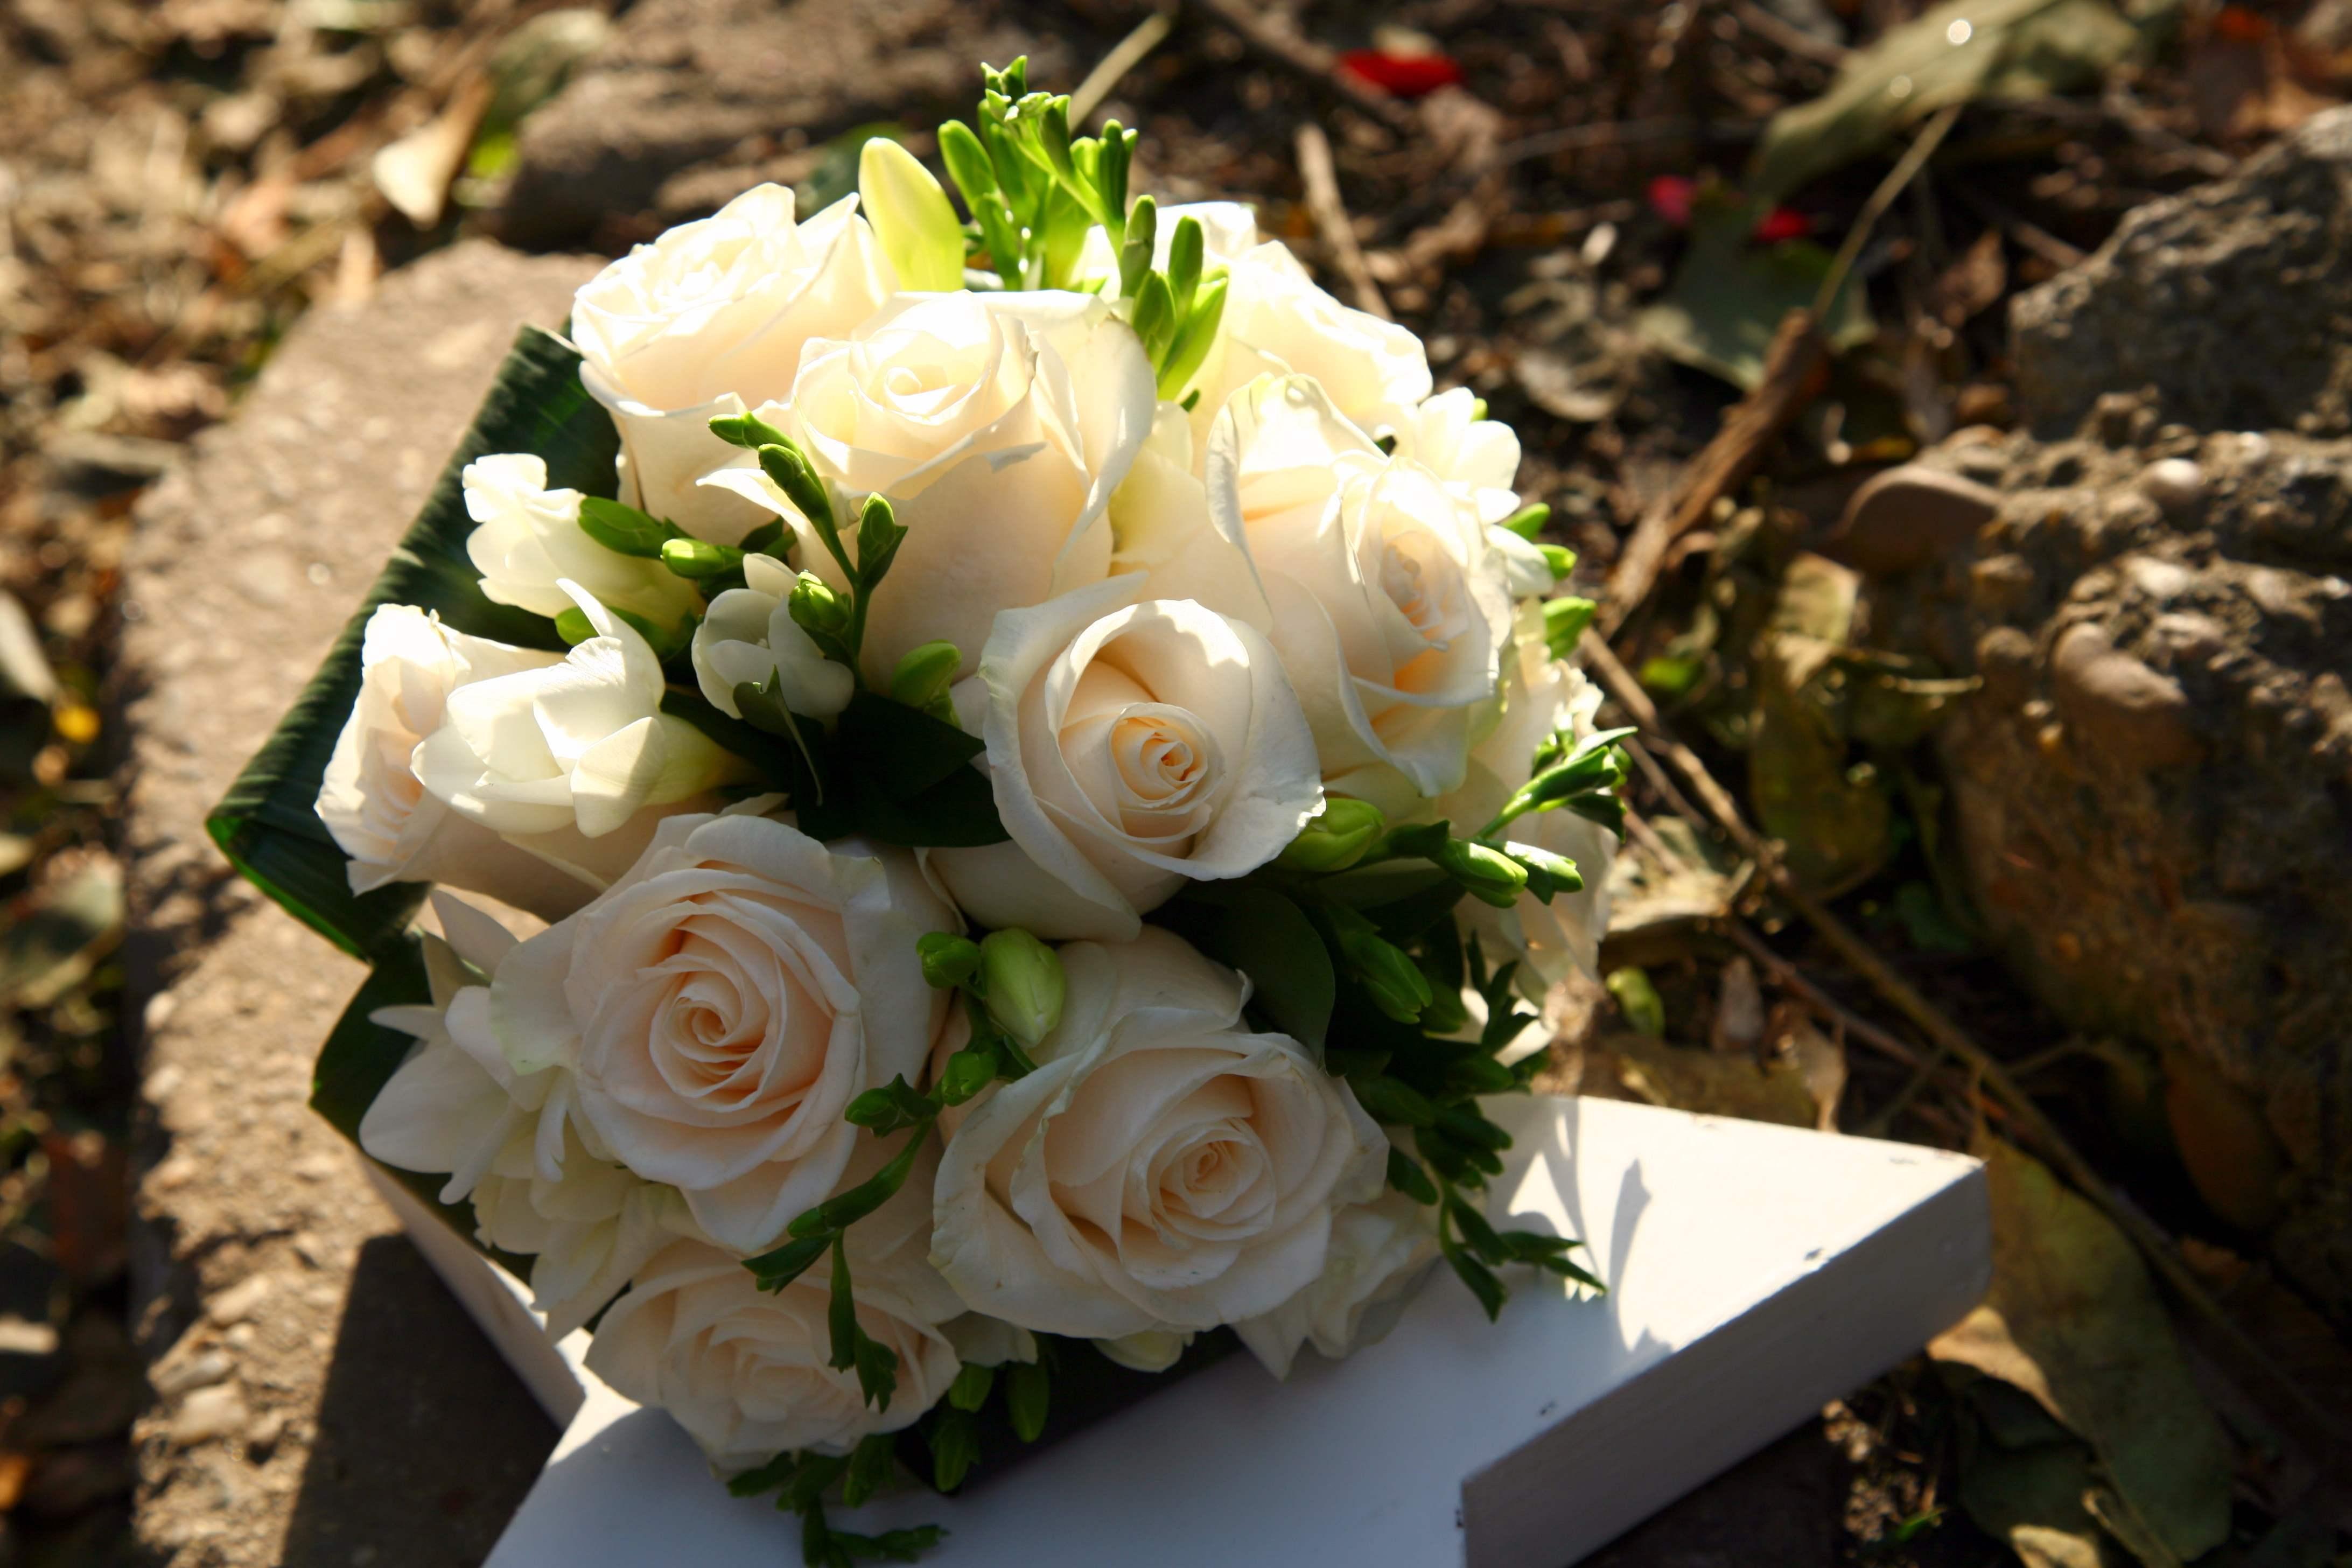 Buchetele de trandafiri albi, simbol al dragostei nemuritoare